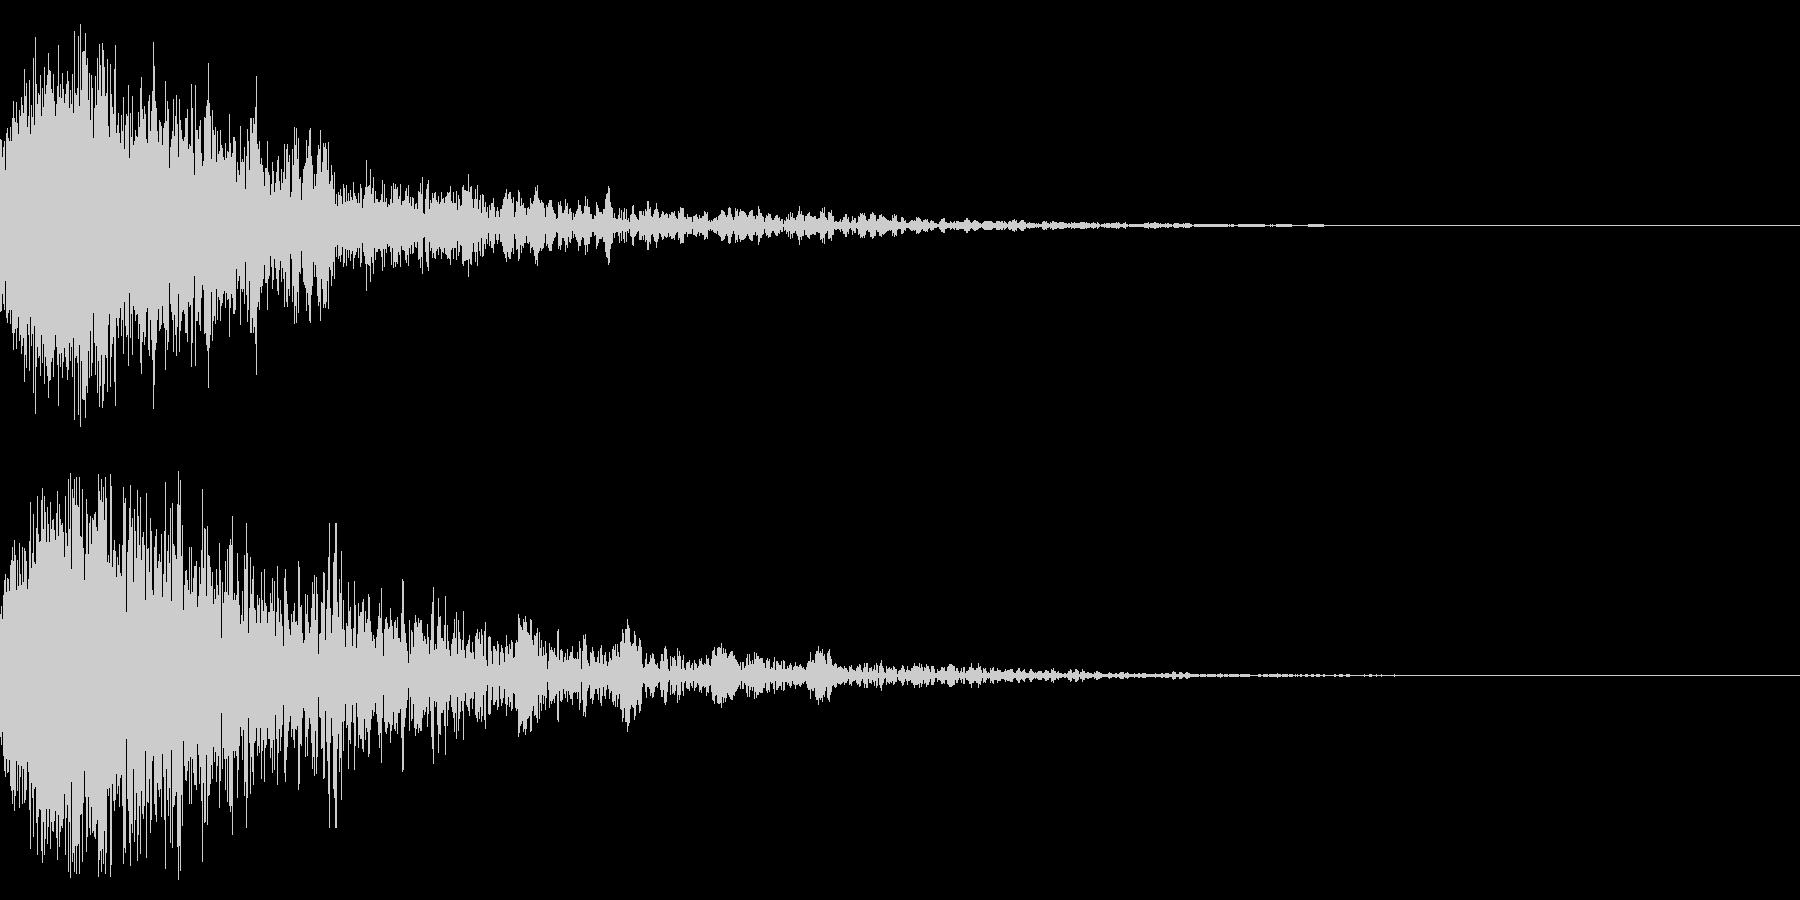 ドーン-54-2(インパクト音)の未再生の波形